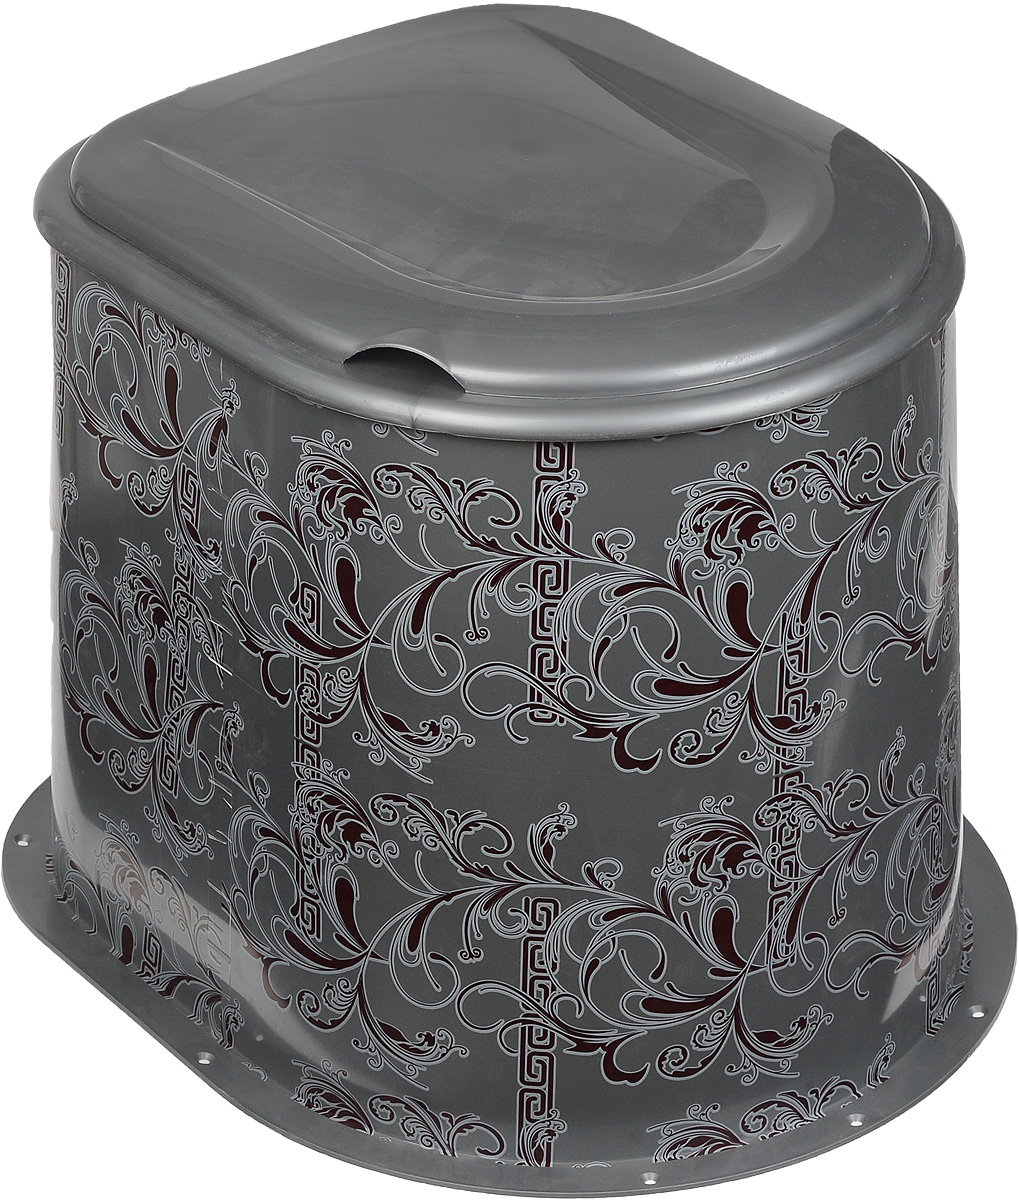 """Дачный туалет Альтернатива """"Люкс"""" выполнен из  пластика и украшен оригинальным узором. Туалет не  имеет дна,  поэтому будет удобен для монтажа на яму. Удобен в  использовании на дачному участке. Оснащен  съемным сиденьем с крышкой. В комплекте: - стойка, - сиденье с крышкой, Размер (без сиденья): 47 х 41 х 36 см. Размер сиденья (с крышкой): 40 х 35 х 6,5 см."""